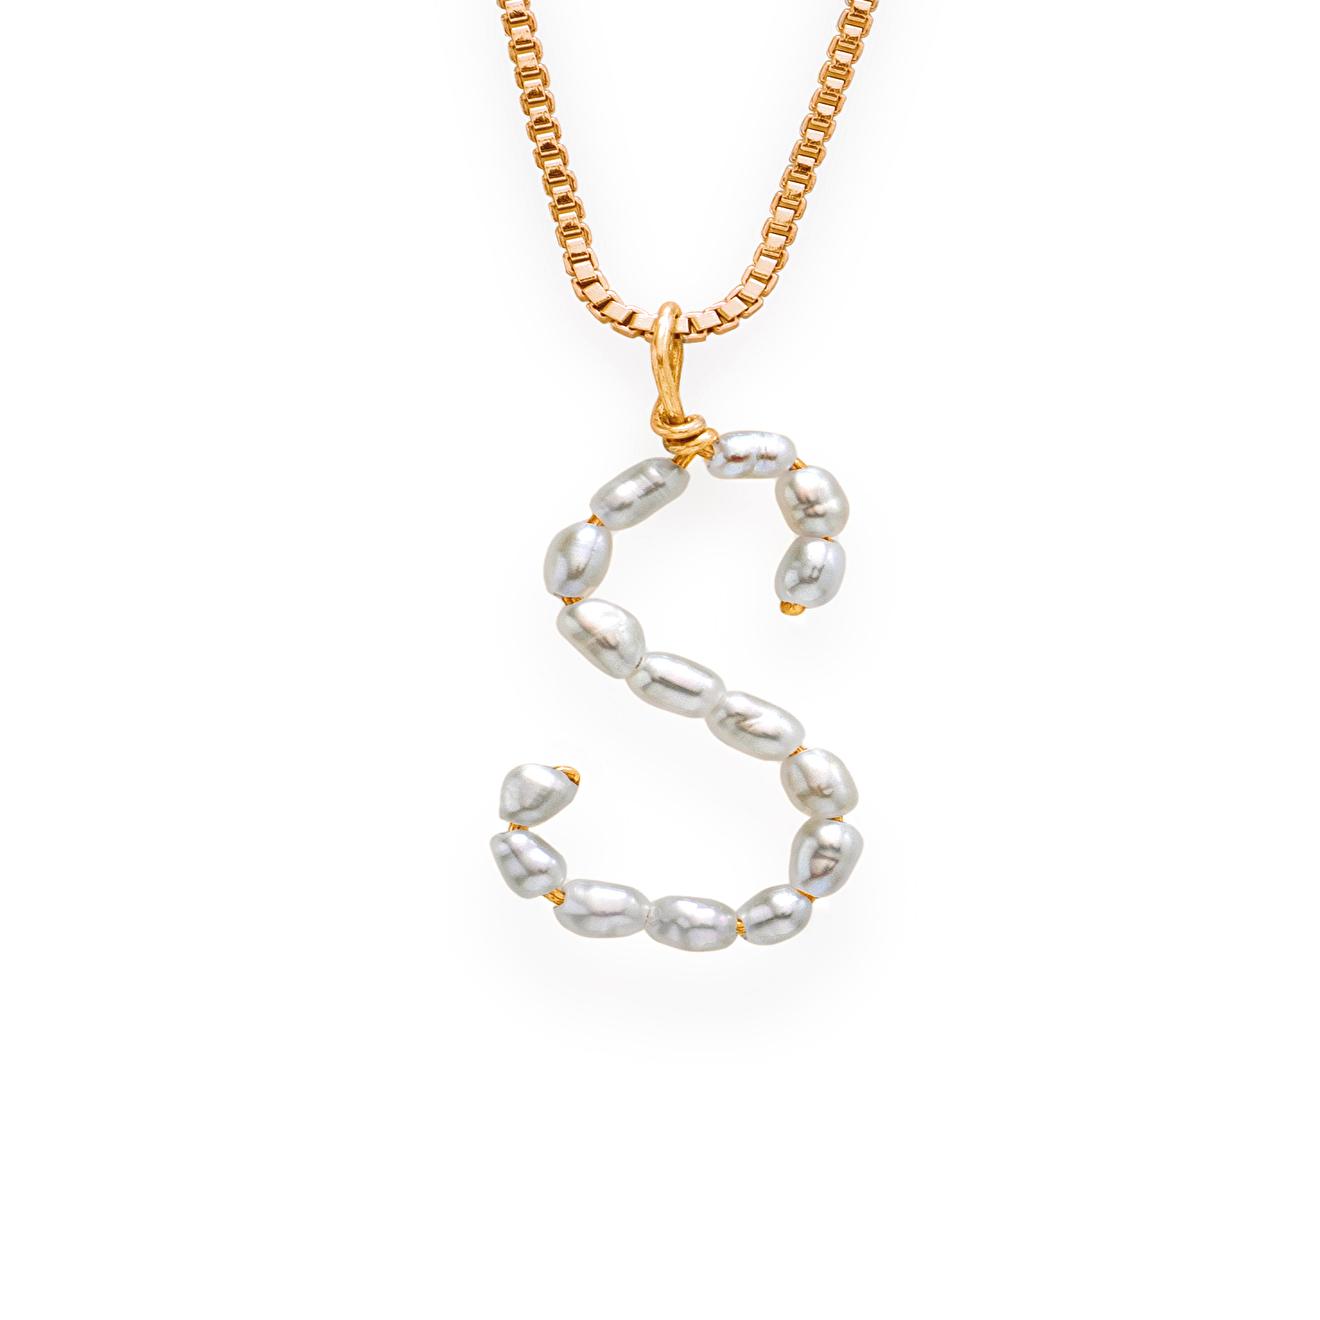 Фото - Ringstone Позолоченное колье с жемчужной буквой S ringstone жемчужное ожерелье с буквой s ringstone